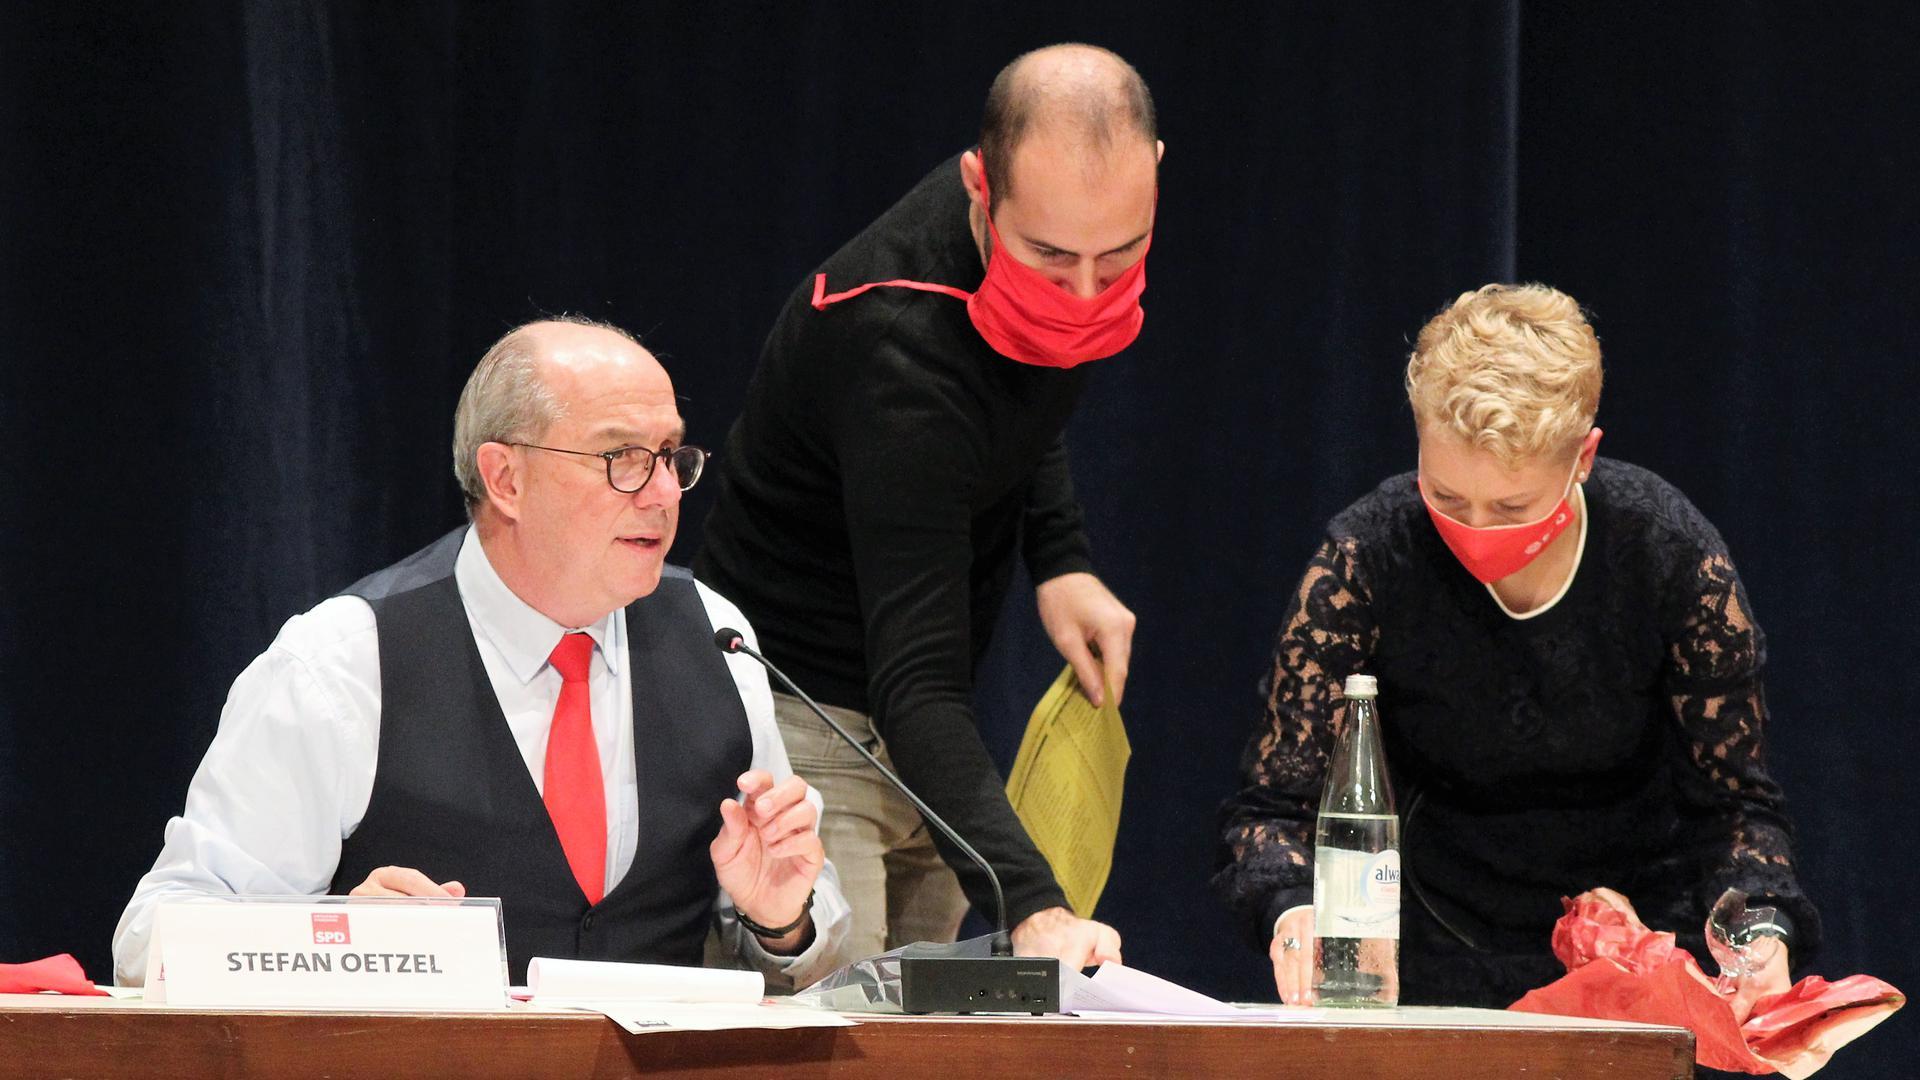 Zerbrochenes Glas: Einziger Zwischenfall des Abends war ein Missgeschick des ansonsten sehr souveränen Stefan Oetzel (links) von der Wahlleitung.